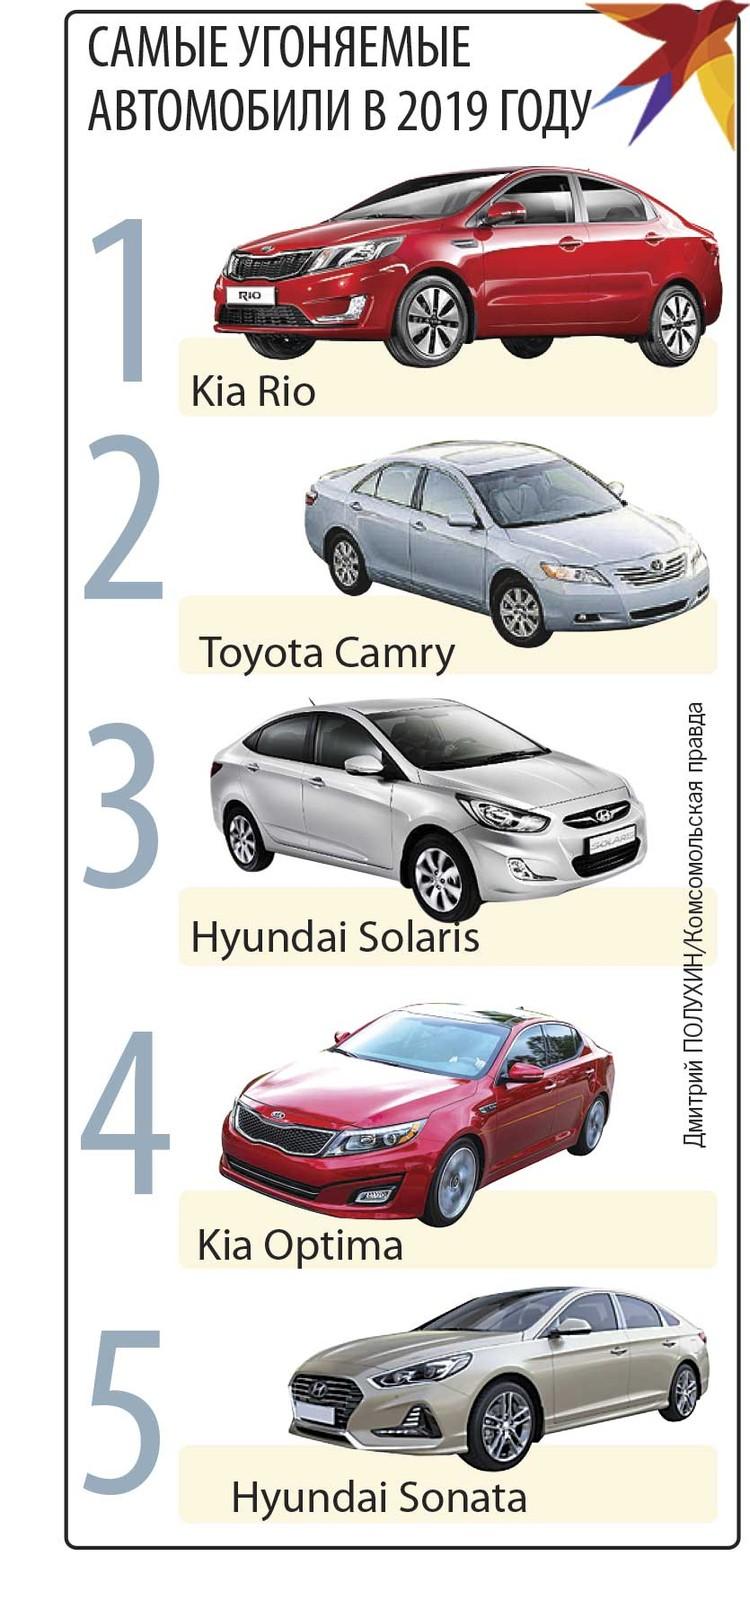 Самые угоняемые автомобили в 2019 году